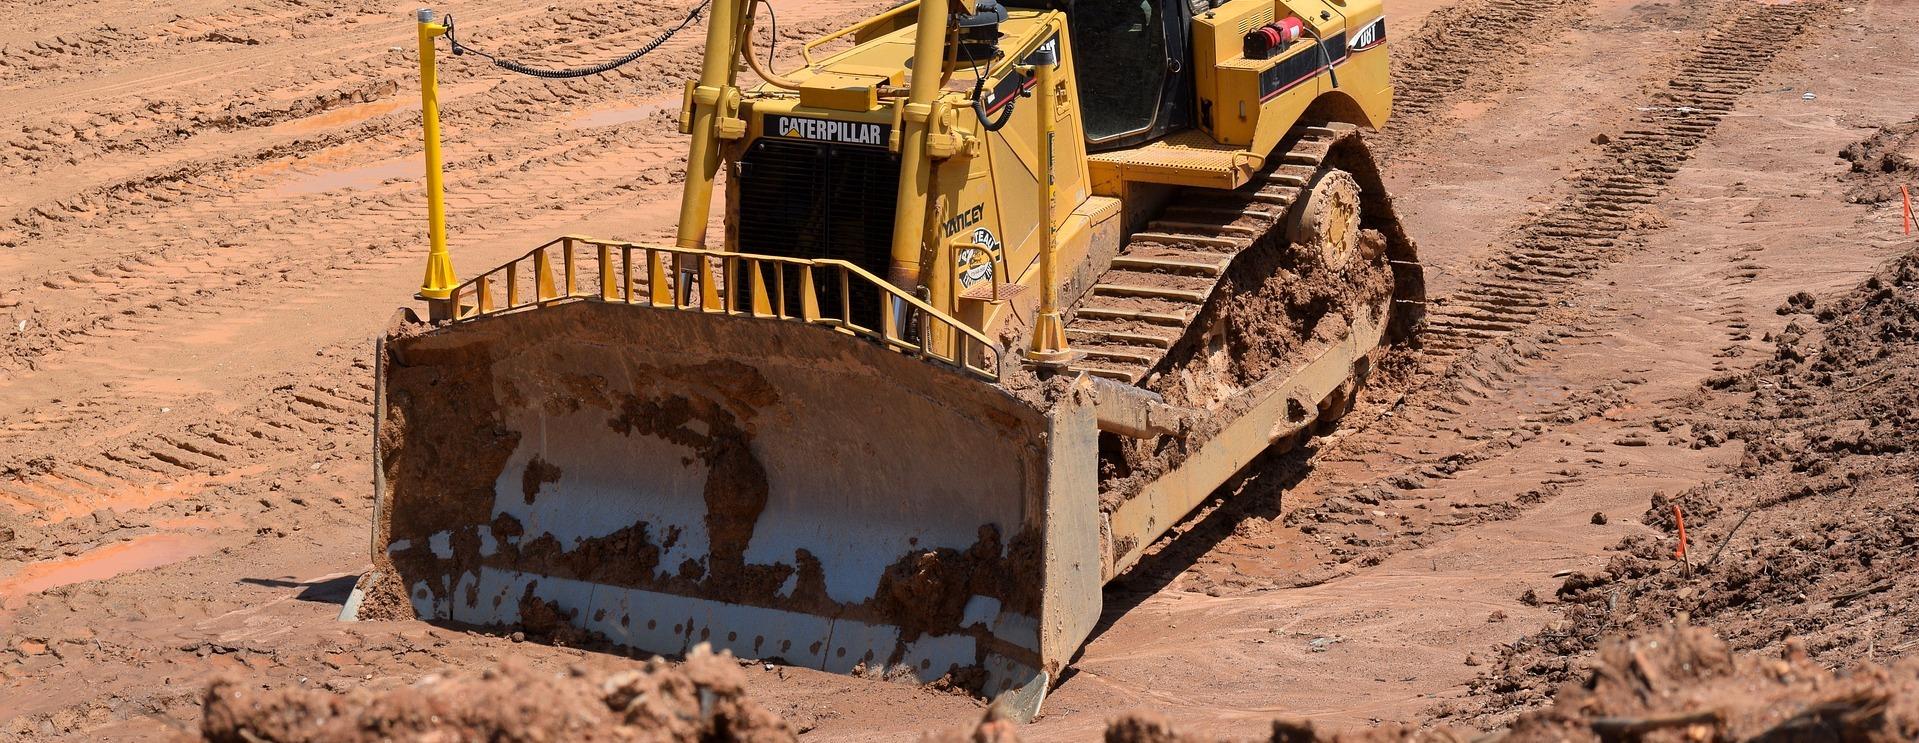 Предприятие Ростеха поставило 4 новых болотоходных бульдозера в Красноярский край